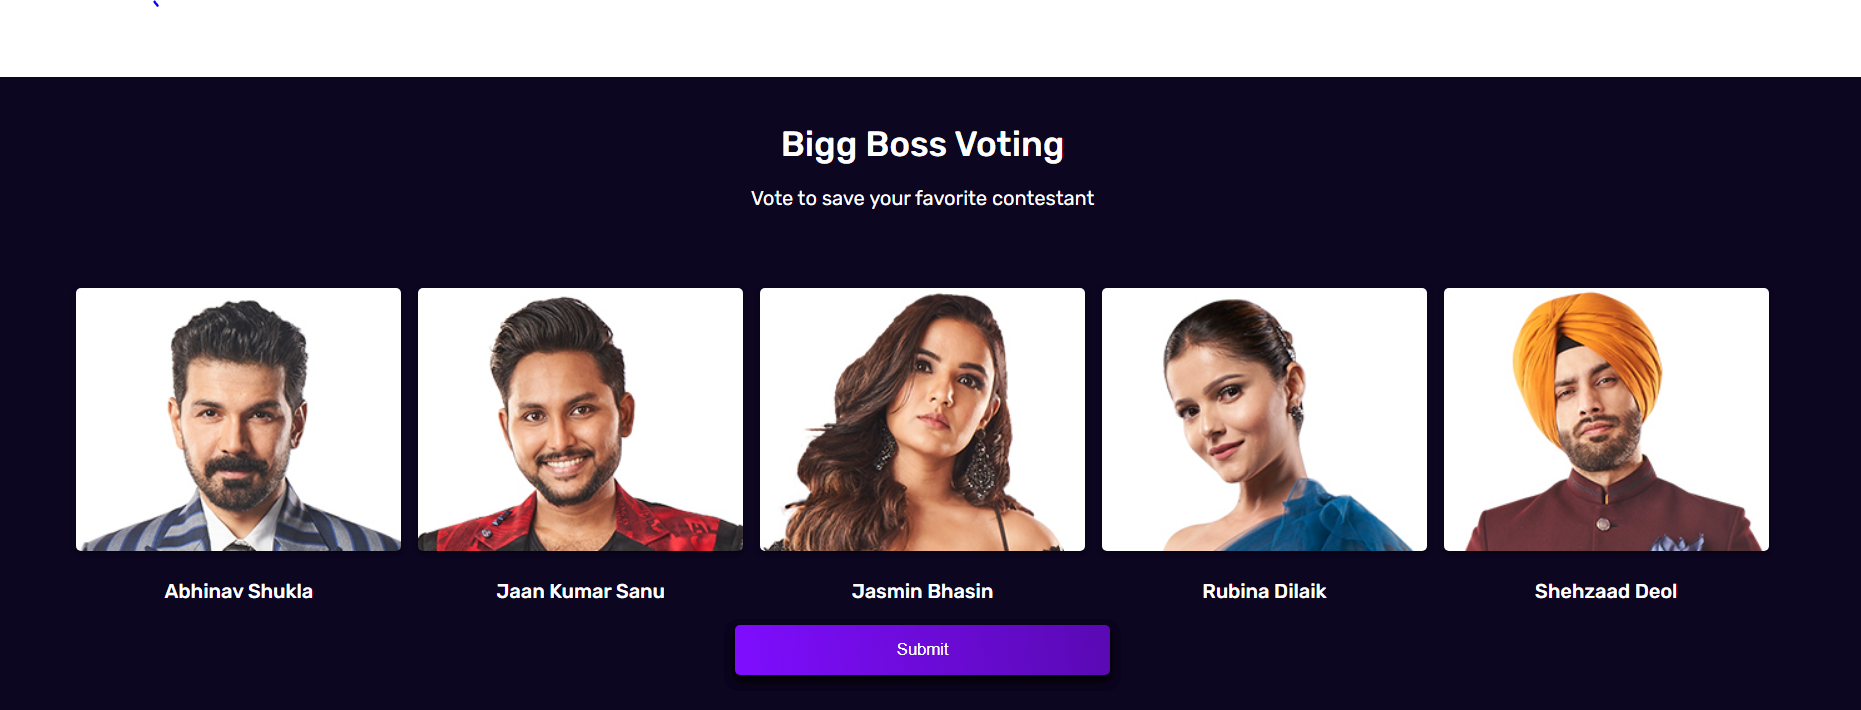 Bigg Boss 14 vote online week 2